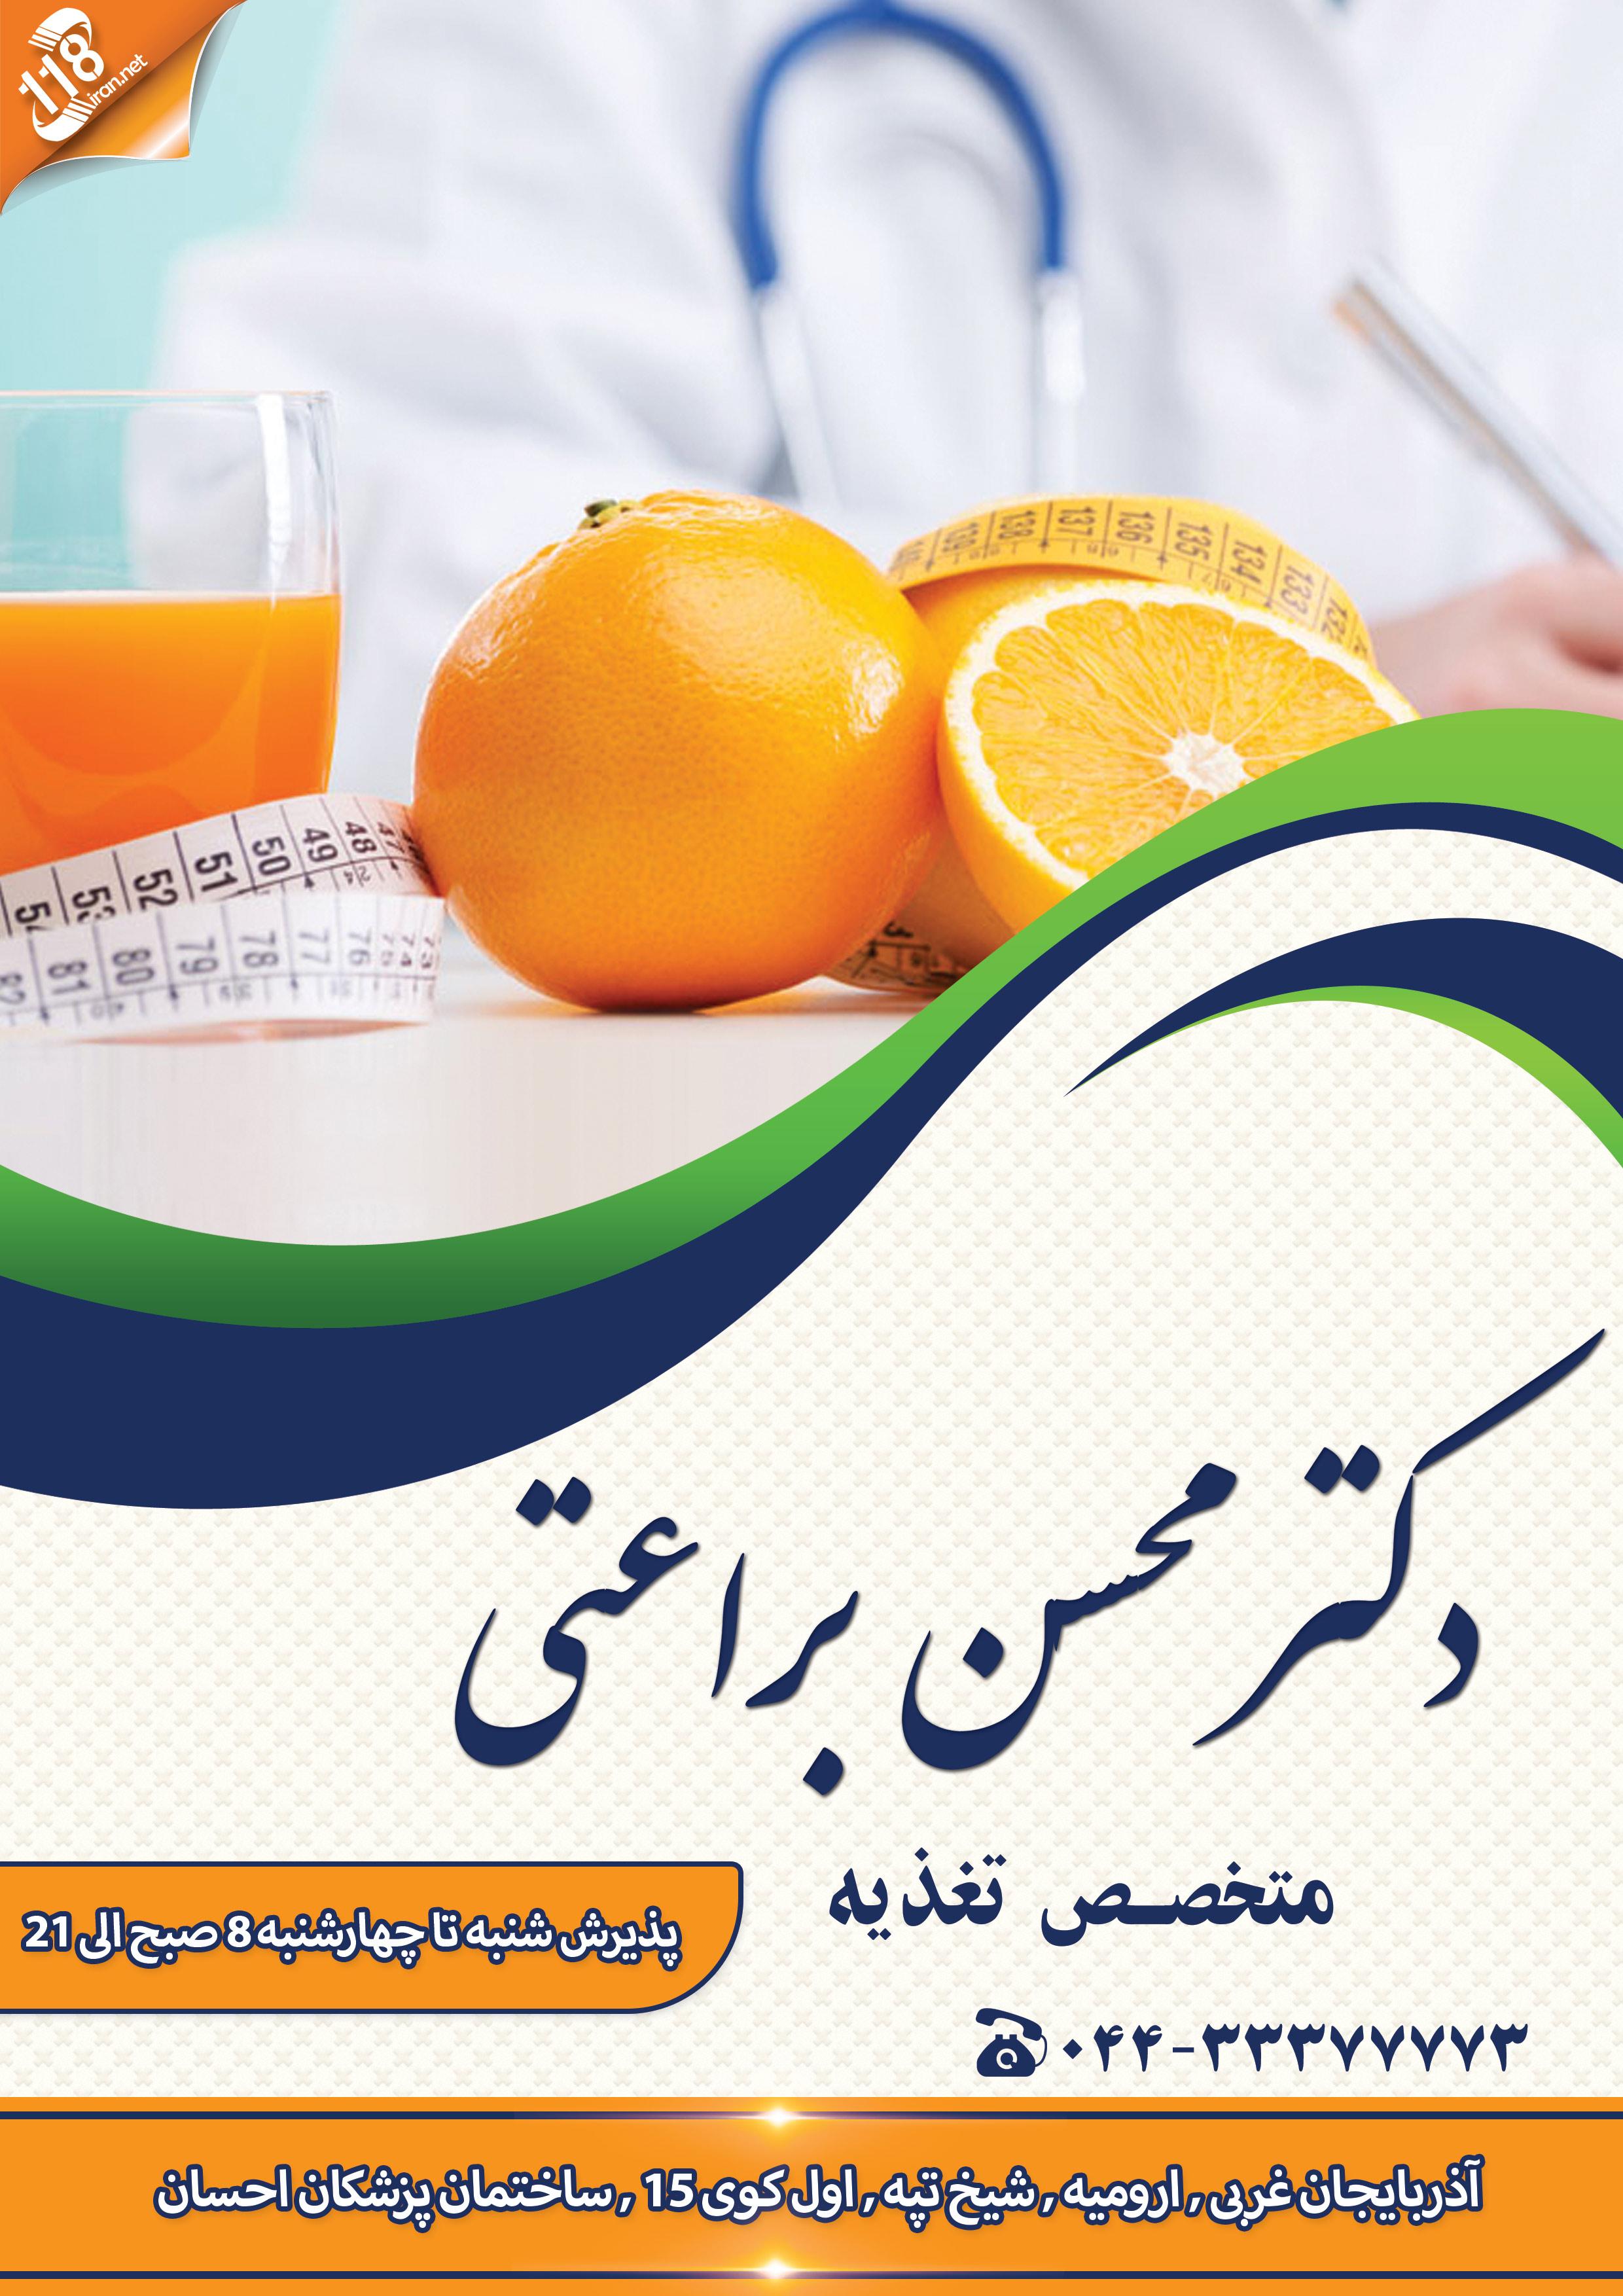 دکتر محسن براعتی